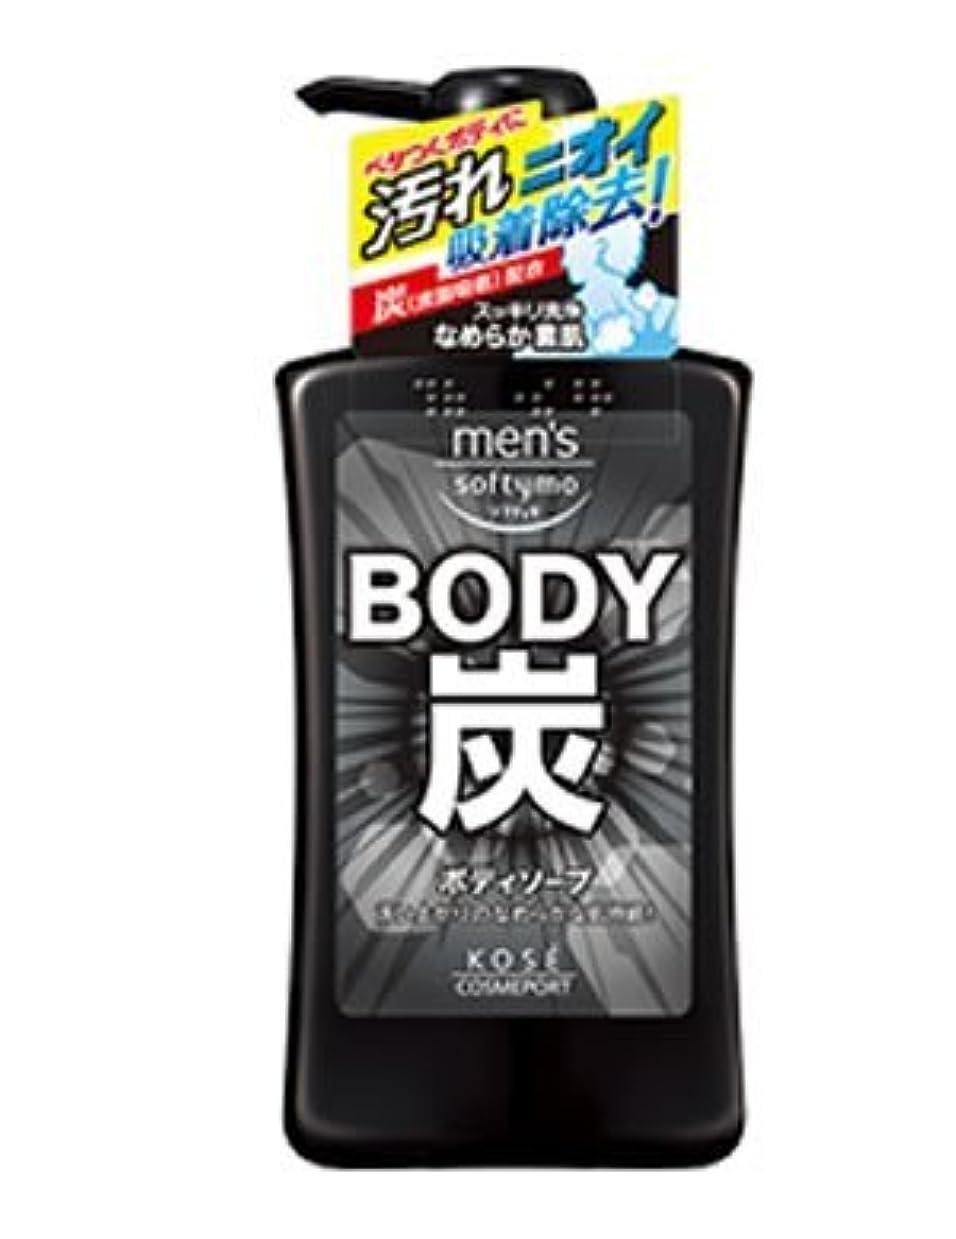 エレベーターサンドイッチ唇コーセー(KOSE)メンズソフティモ ボディソープ(炭)シトラスミントの香り 550ml(お買い得3個セット)